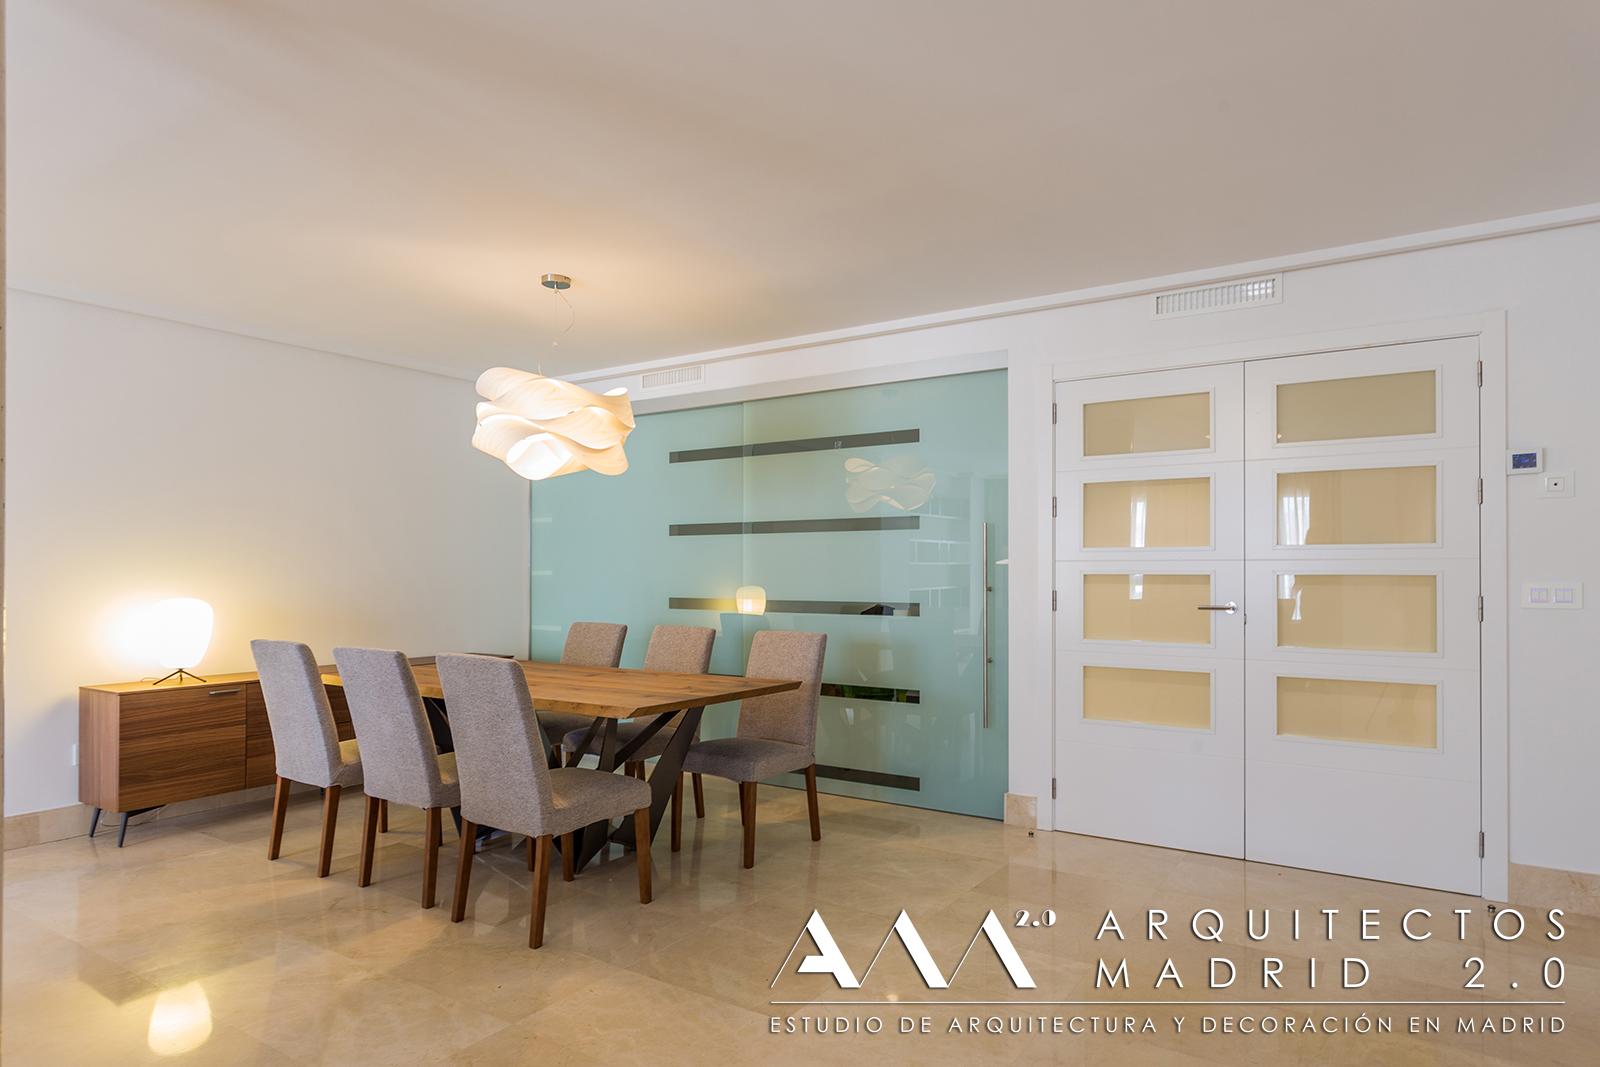 Iluminaci n en viviendas qu l mparas se llevan decoraci n - Arquitectos interioristas madrid ...